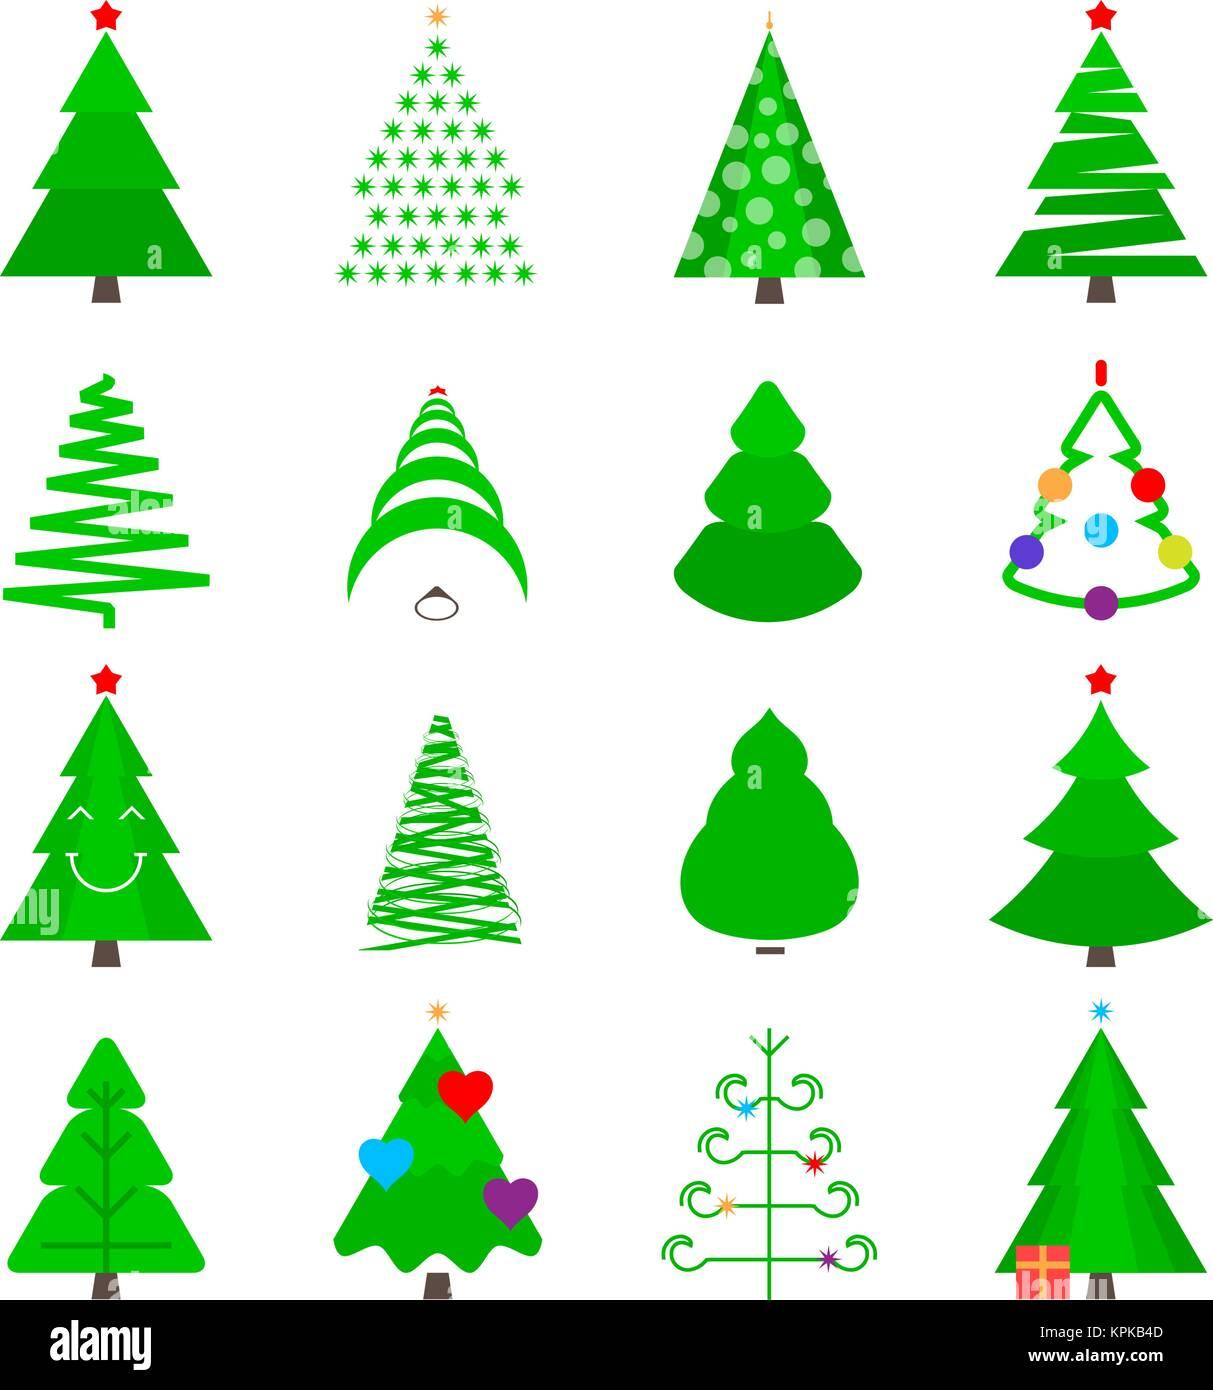 Immagini Stilizzate Di Natale.Il Verde Albero Di Natale Il Set Di Icone Vettore